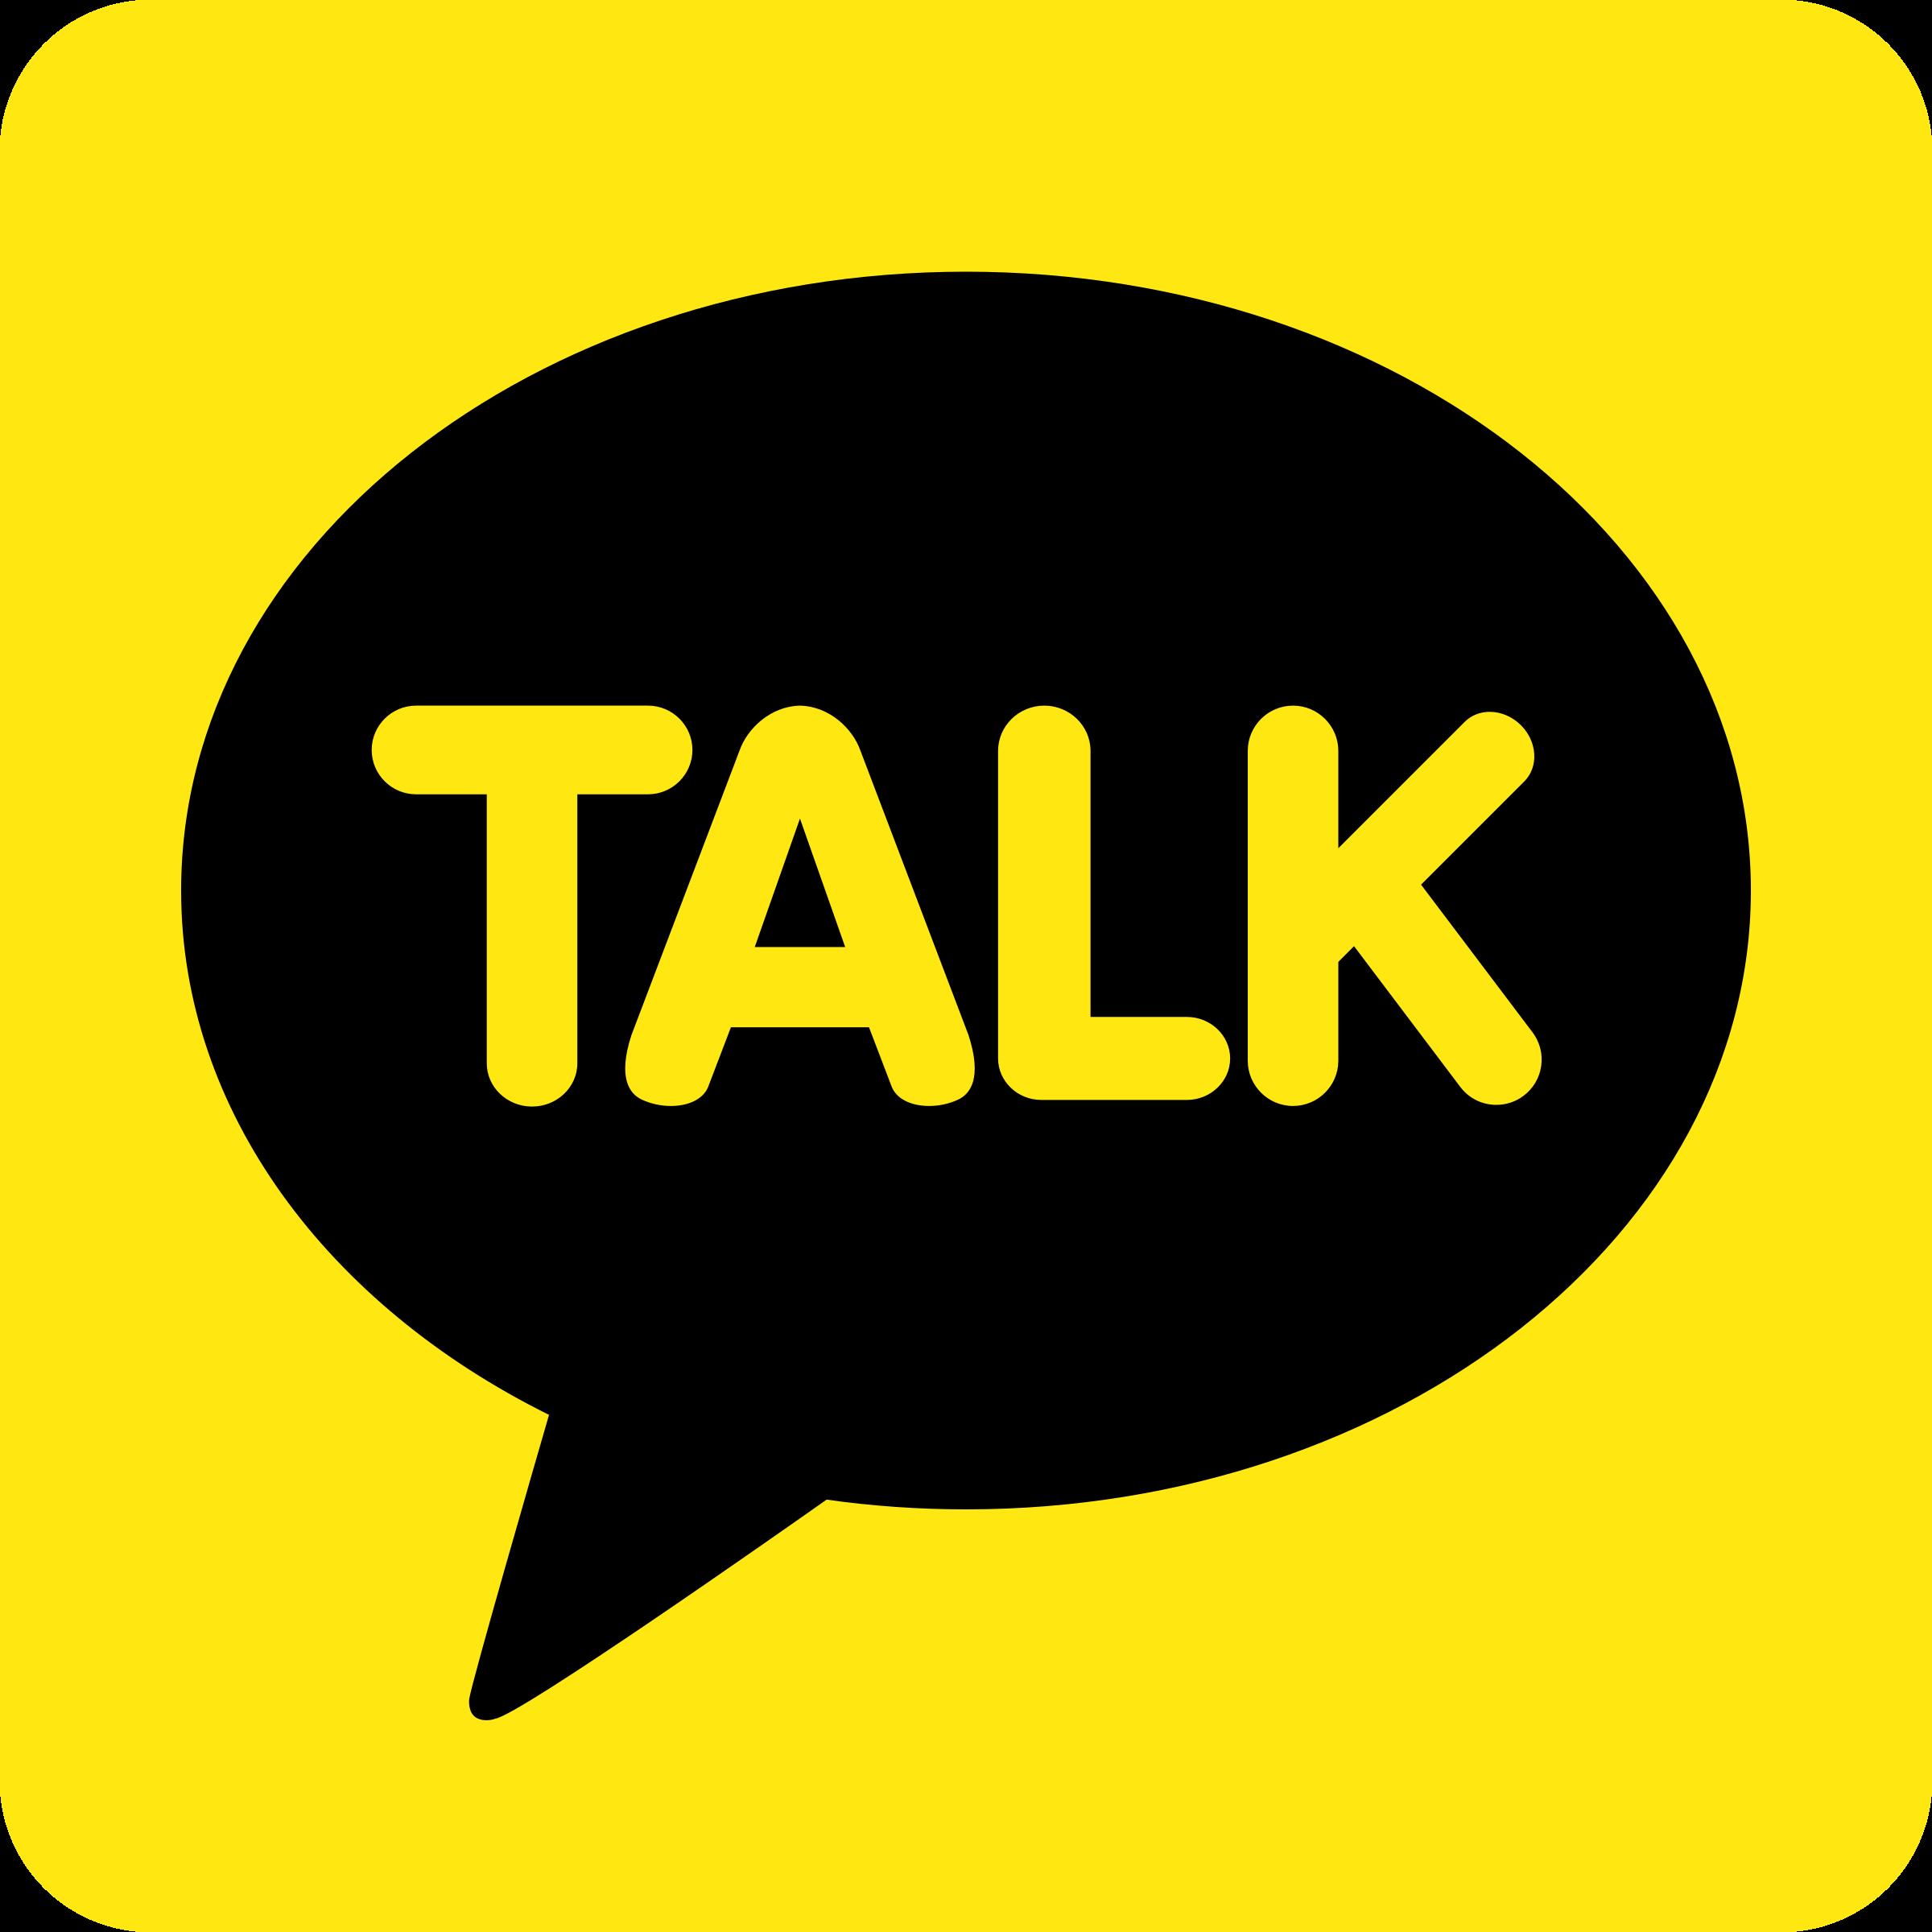 kakaotalk-logo-png-transparent.png